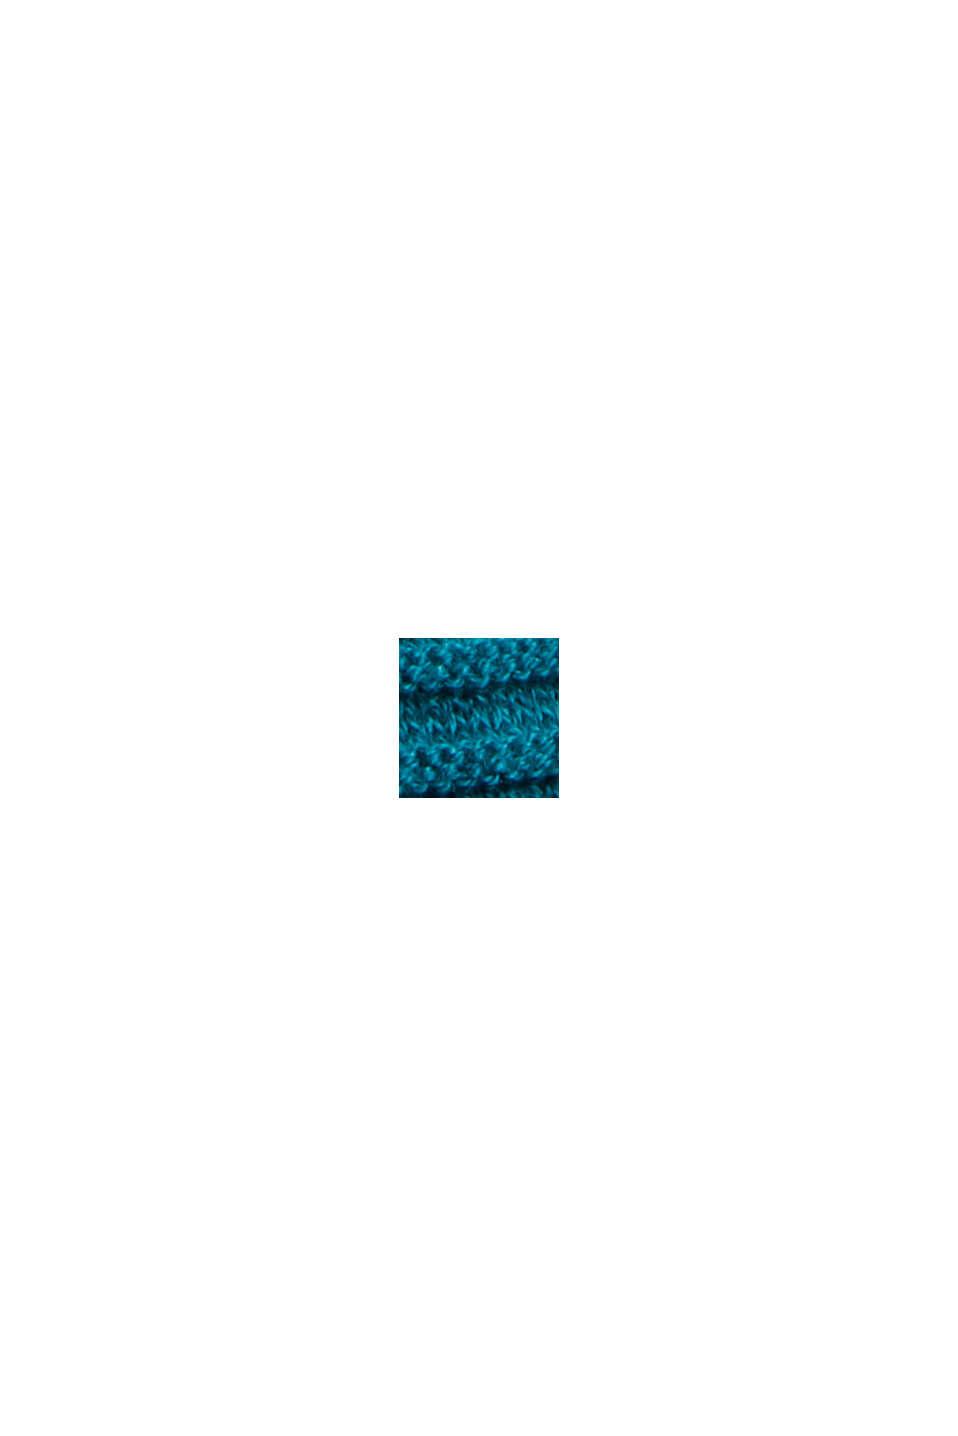 Geribde trui met kraag met tunnelkoord, katoen, EMERALD GREEN, swatch